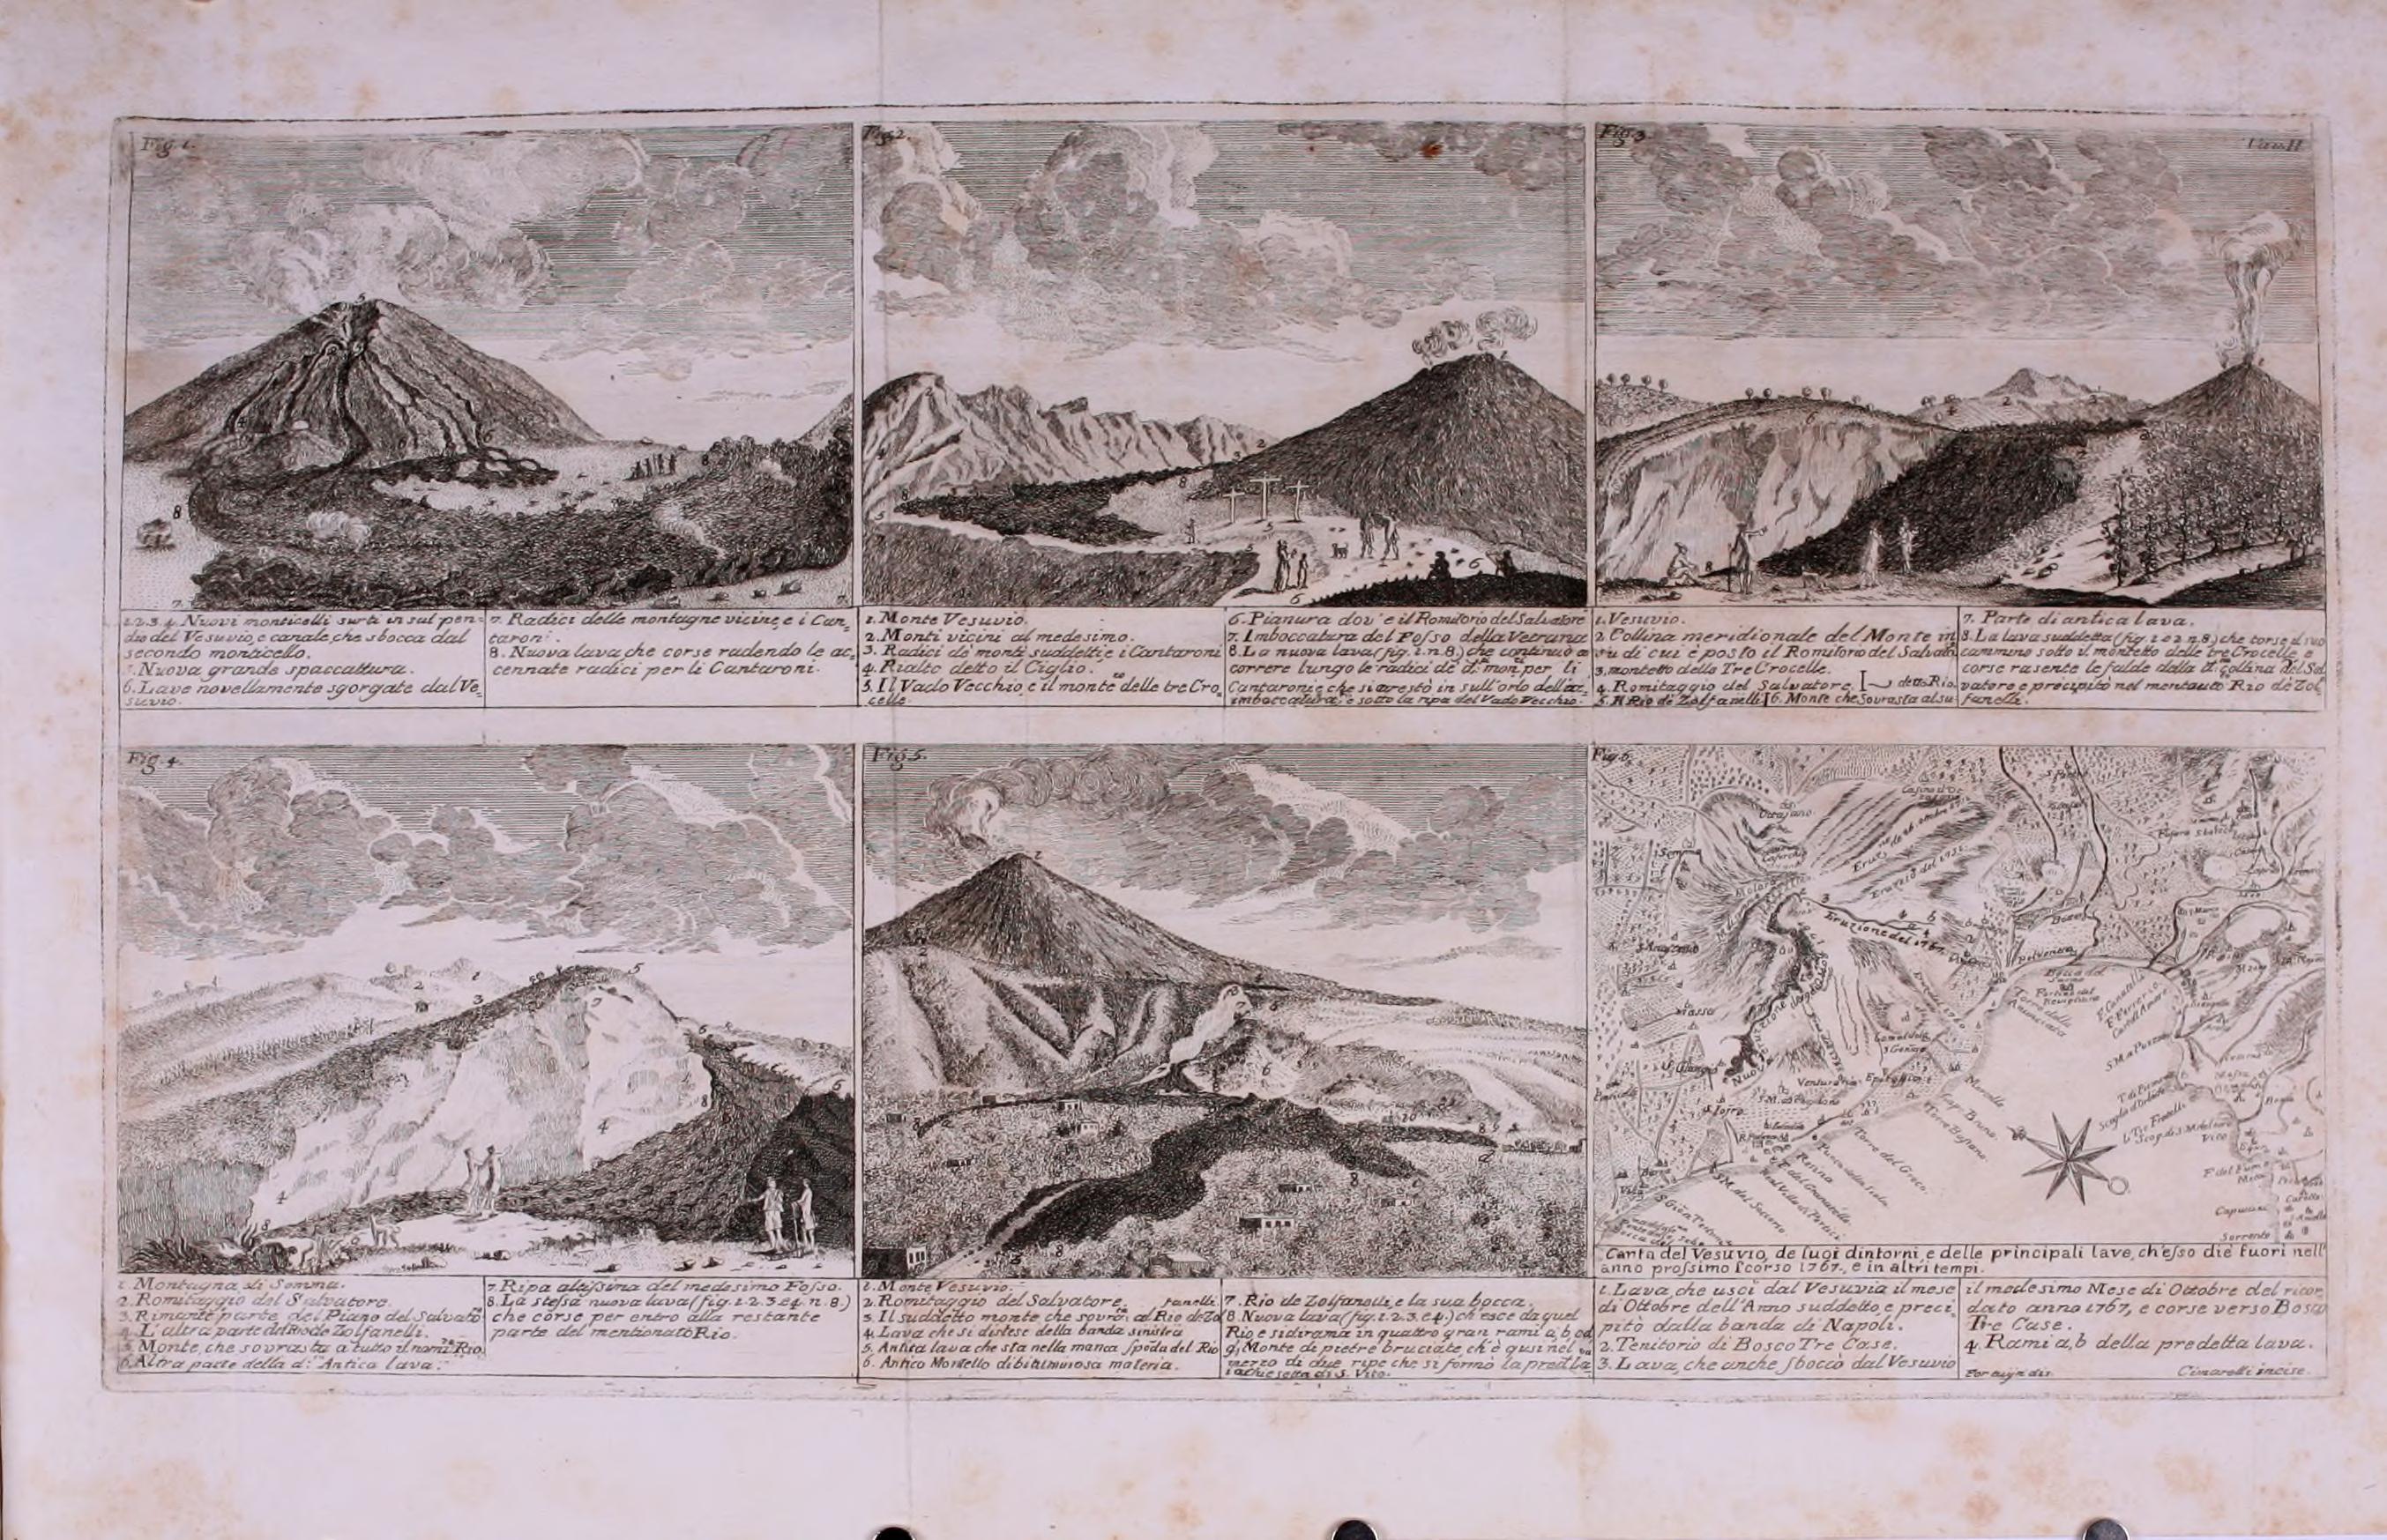 Gaetano De Bottis - Gaetao De Bottis - Ragionamento istorico dell'incendio del Vesuvio accaduto nel mese di Ottobre del MDCCLXVII - vesuvioweb 2016a